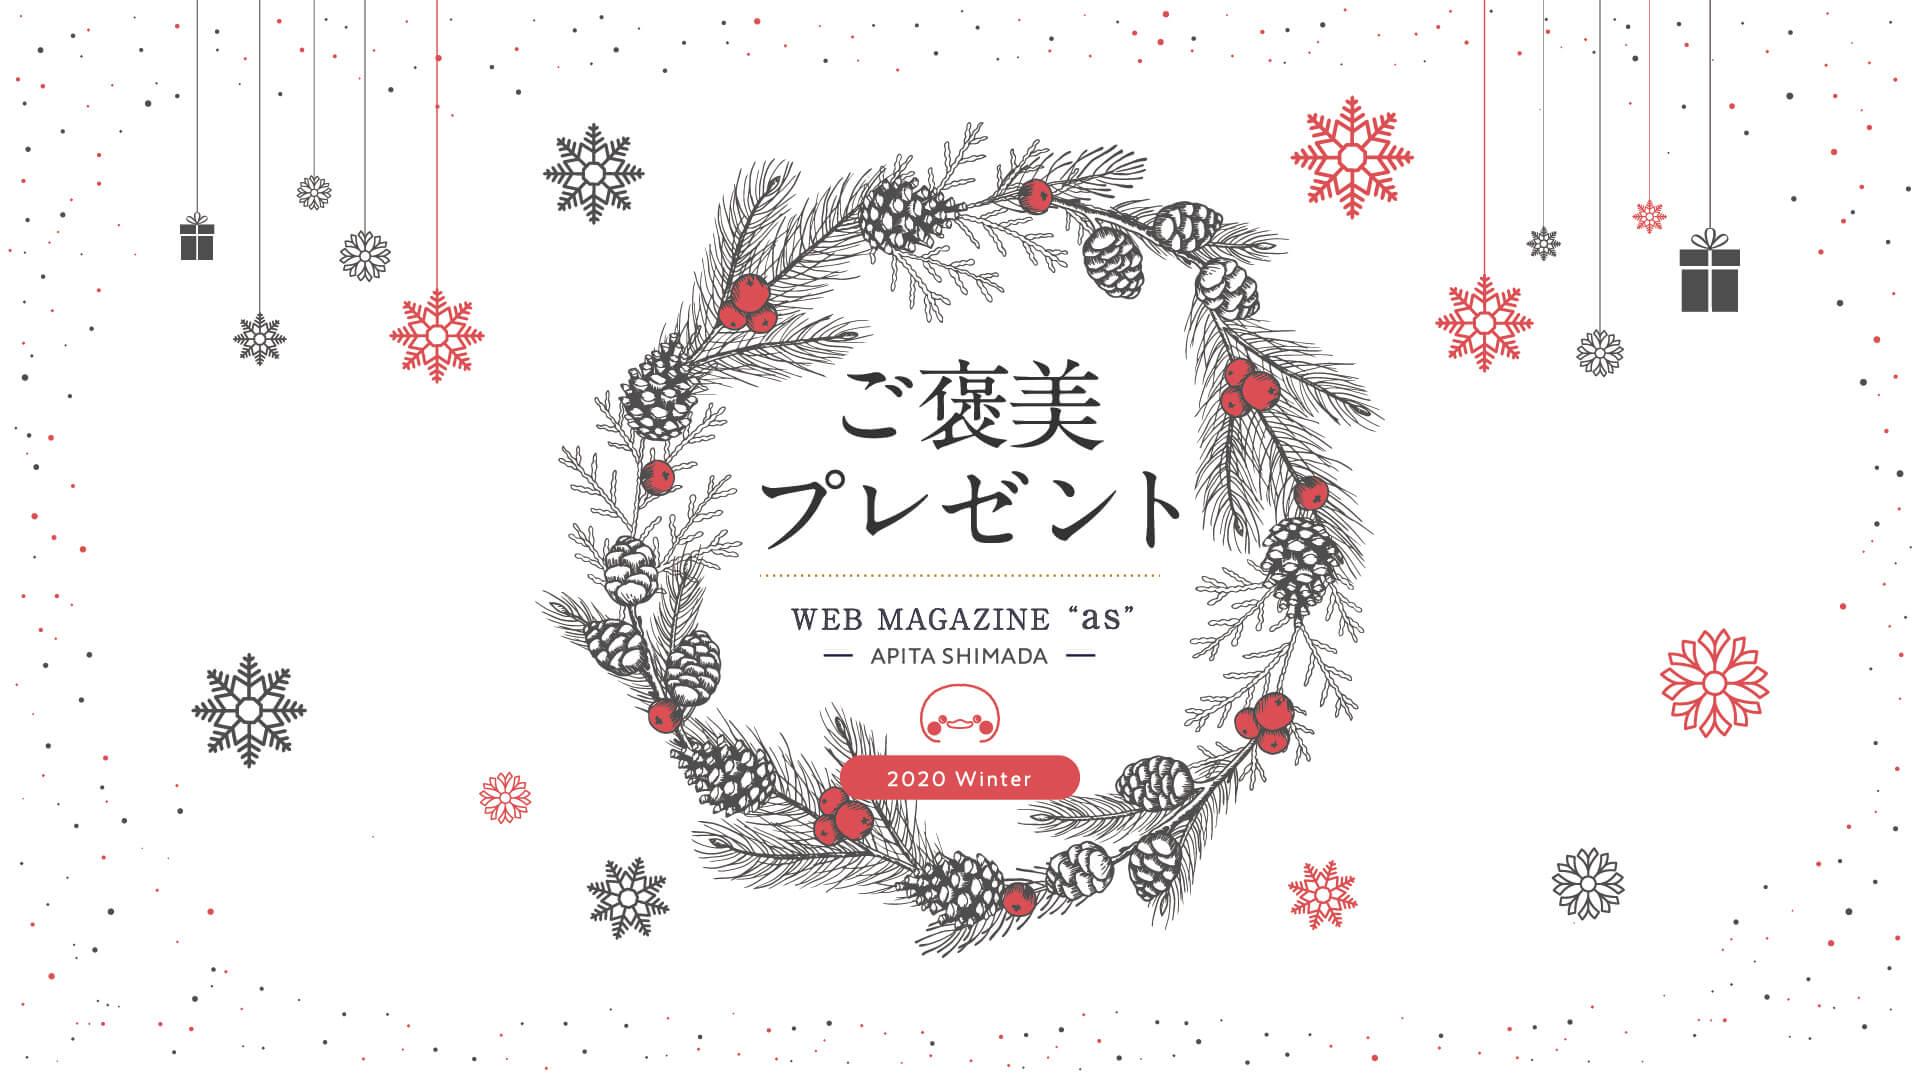 Webマガジン as 2020 Winter ご褒美プレゼント